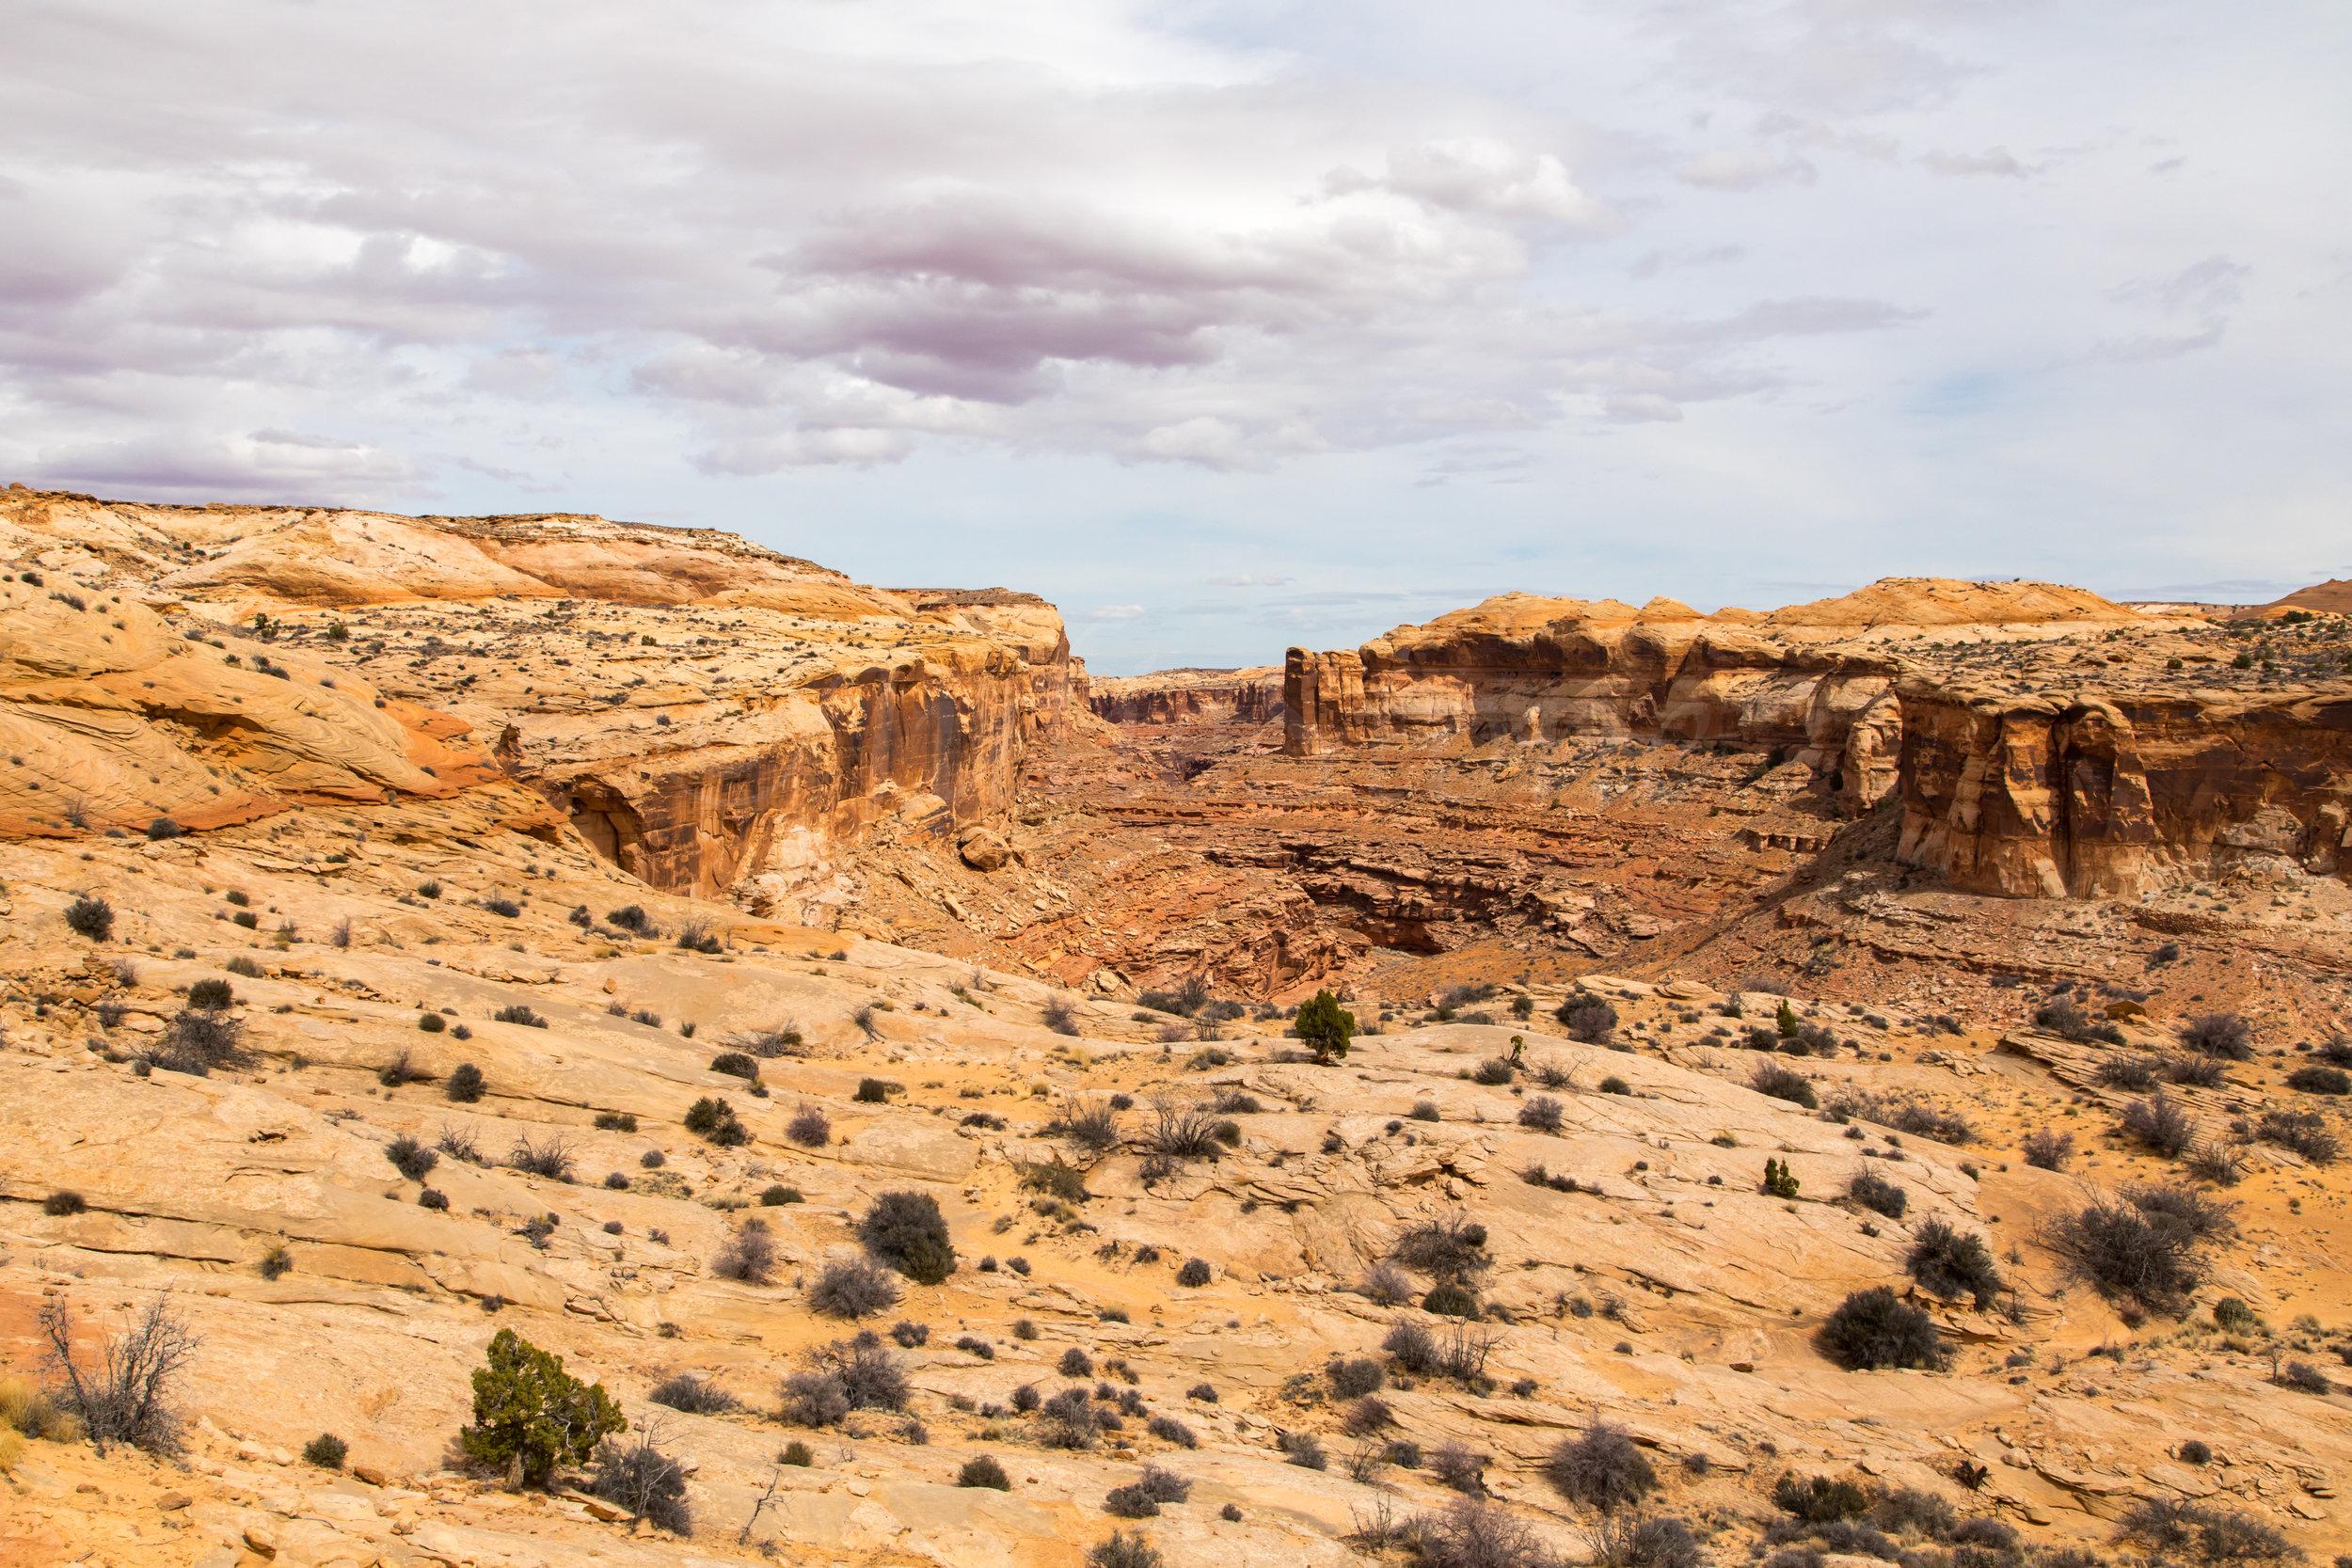 Horseshoe Canyon, Image # 9285